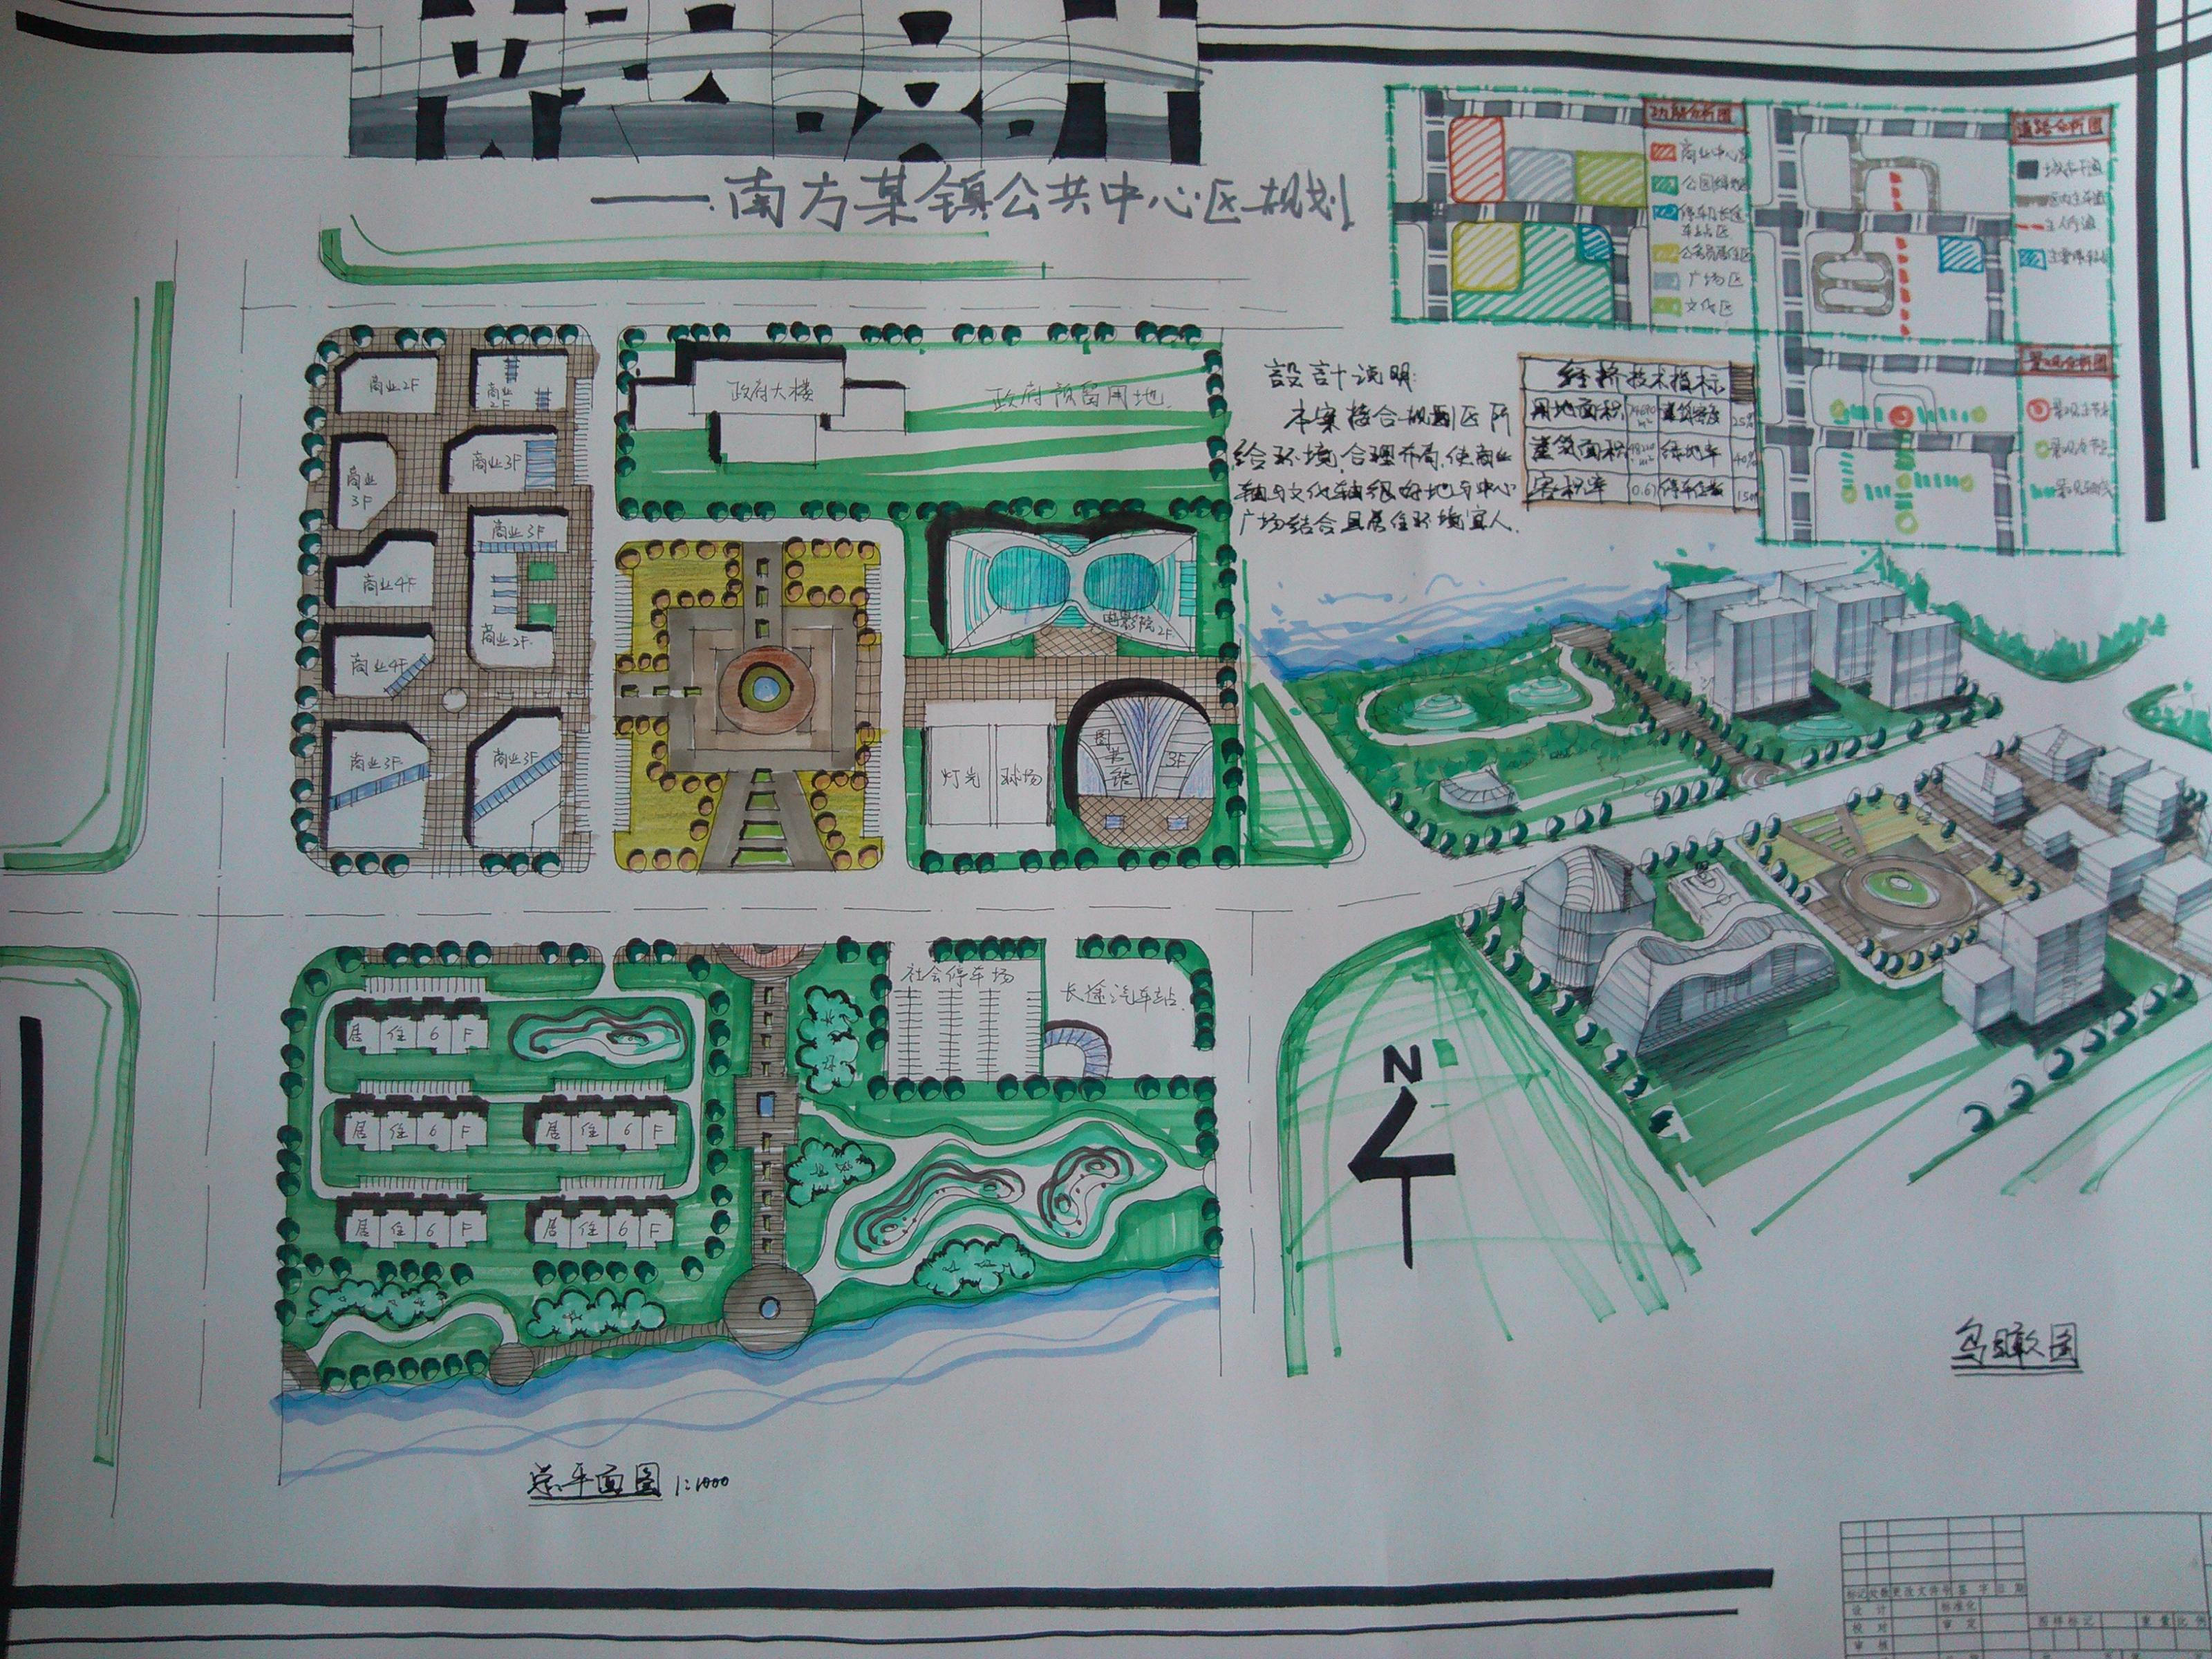 城市广场快题设计图展示